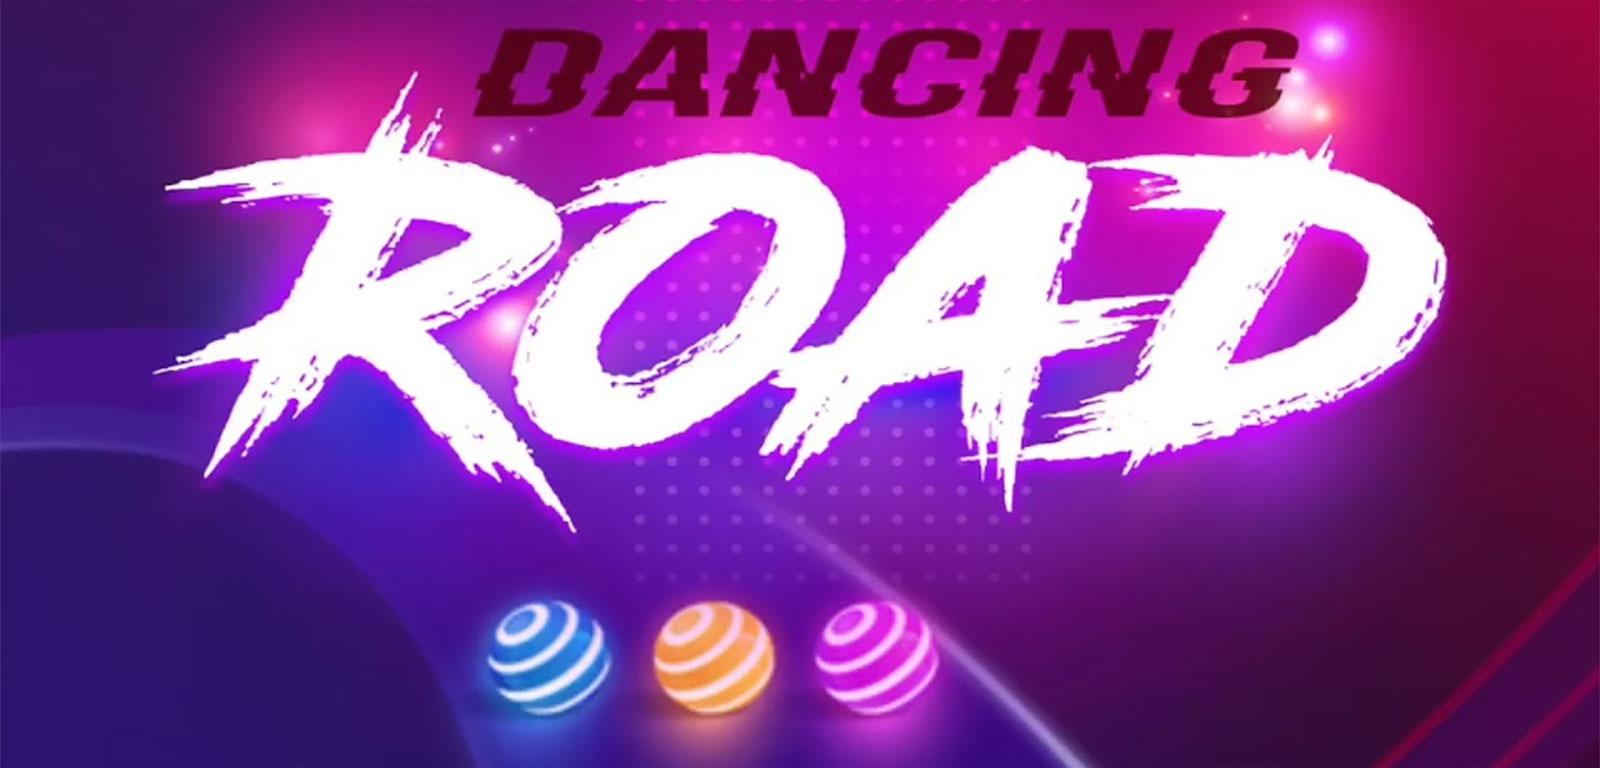 Dancing road color ball run mod apk free download